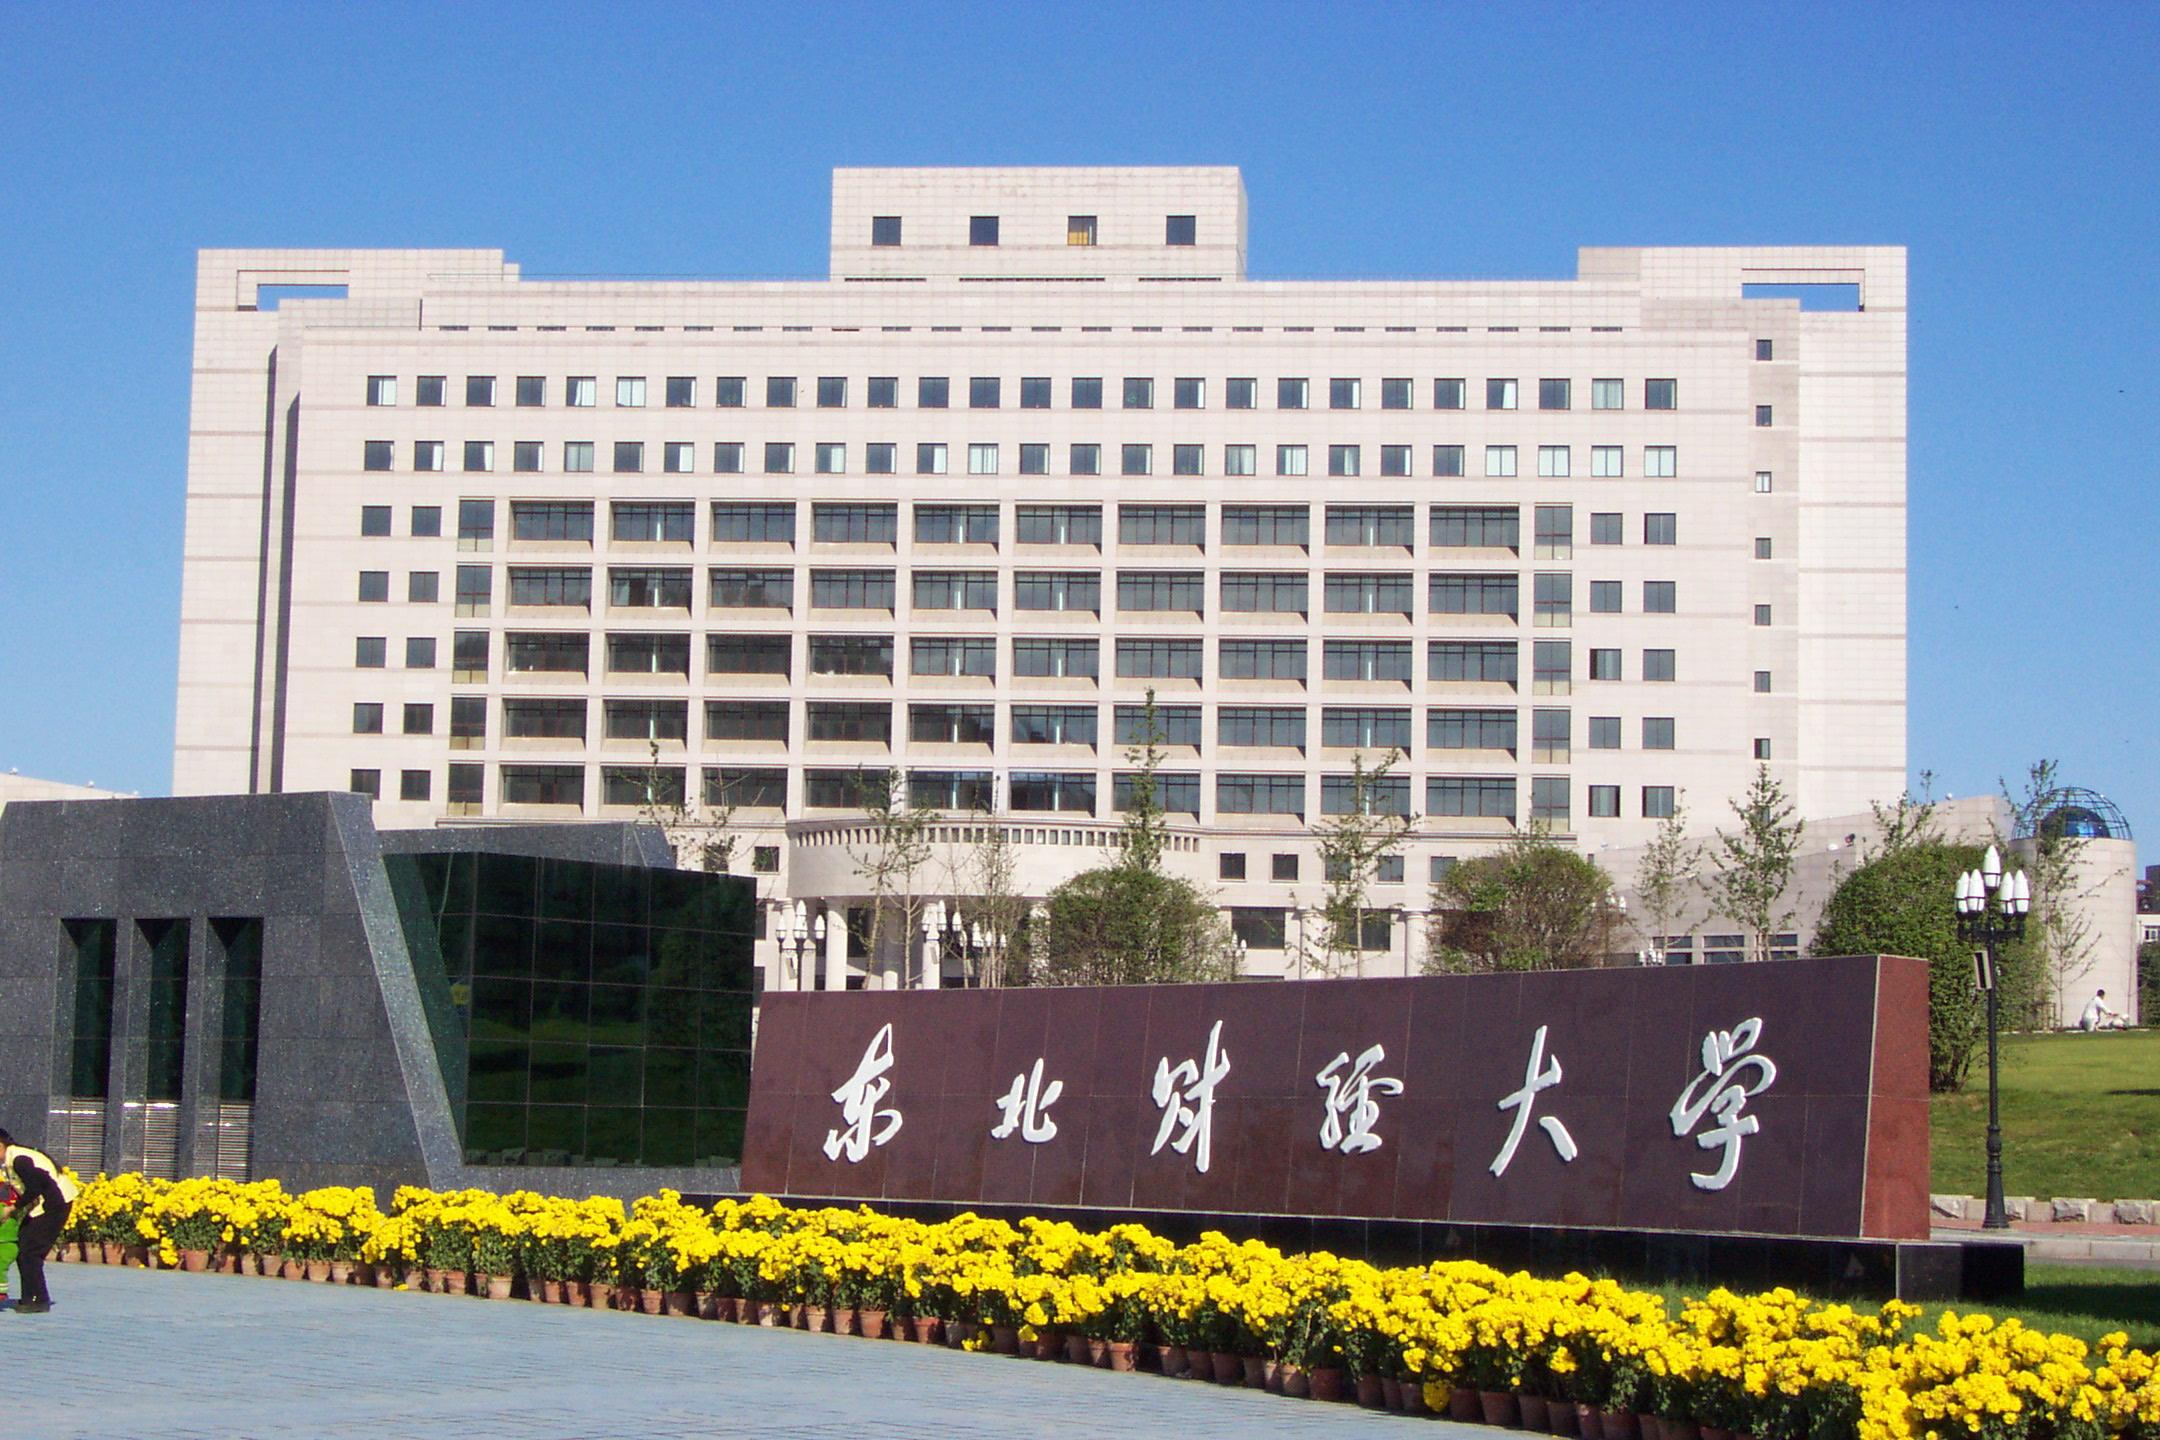 锦江乐园特邀享誉海内外的上海木偶剧团将上演国内外